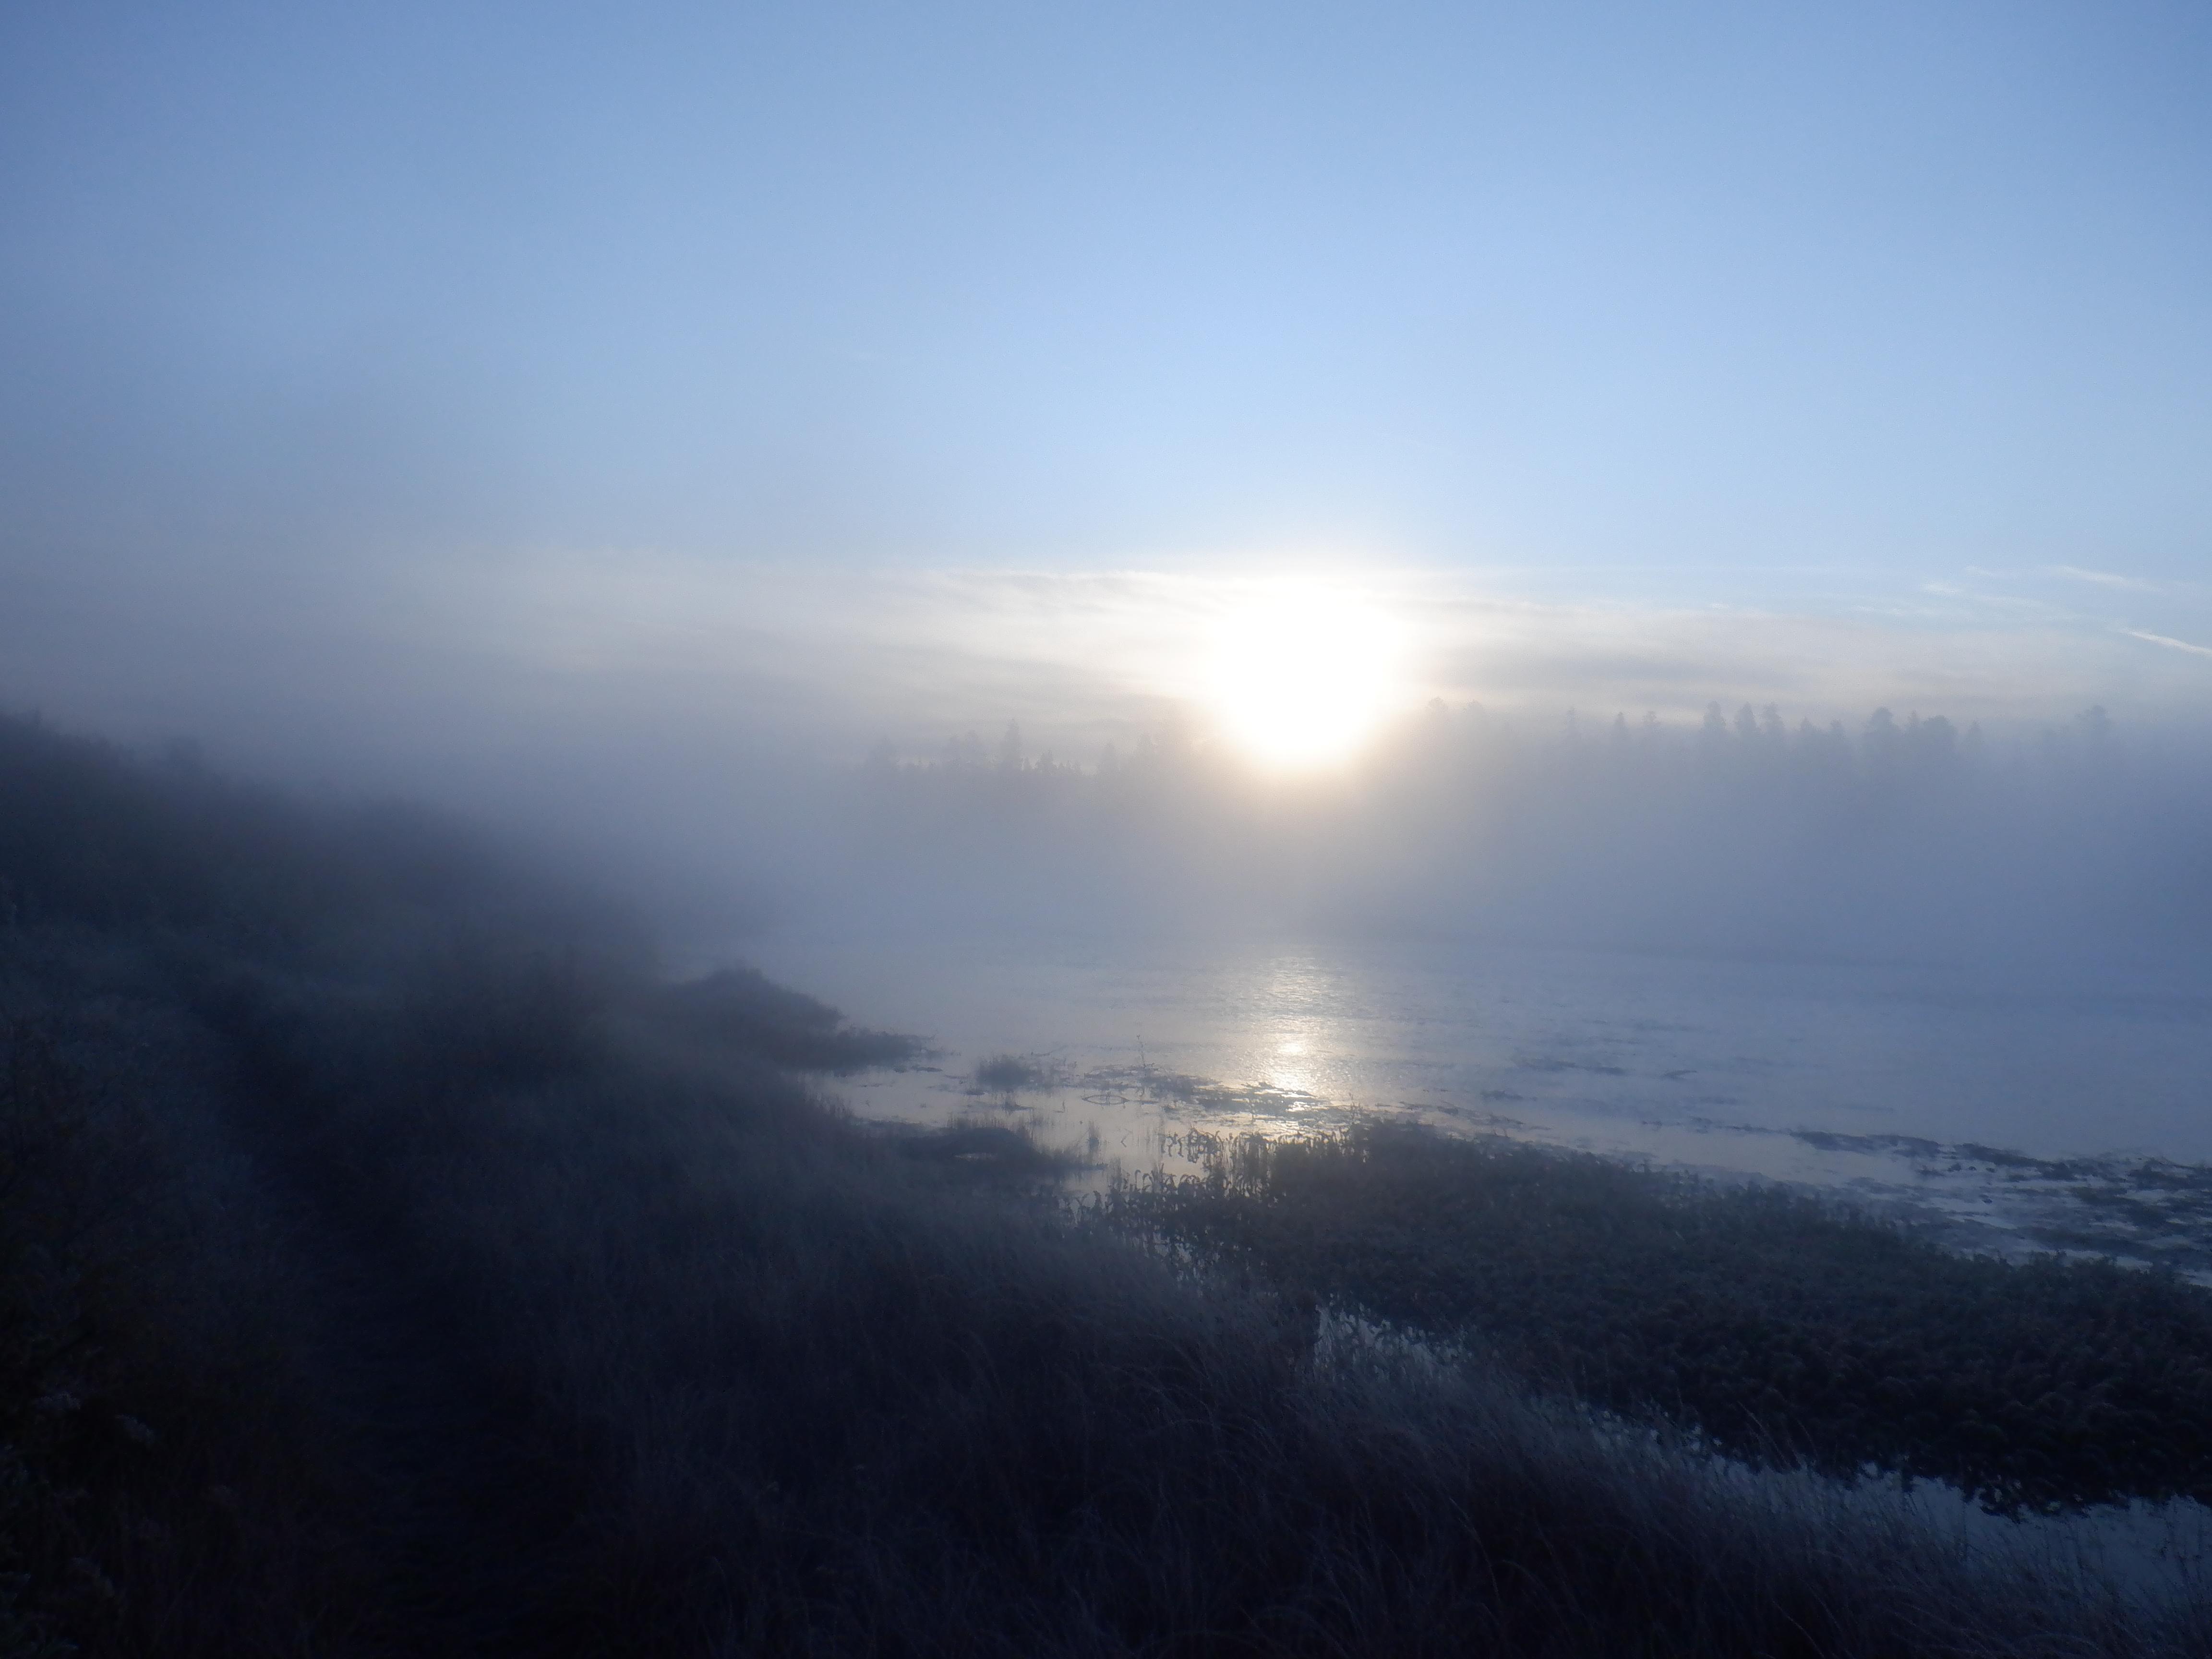 Sunrise at Bakers Hole